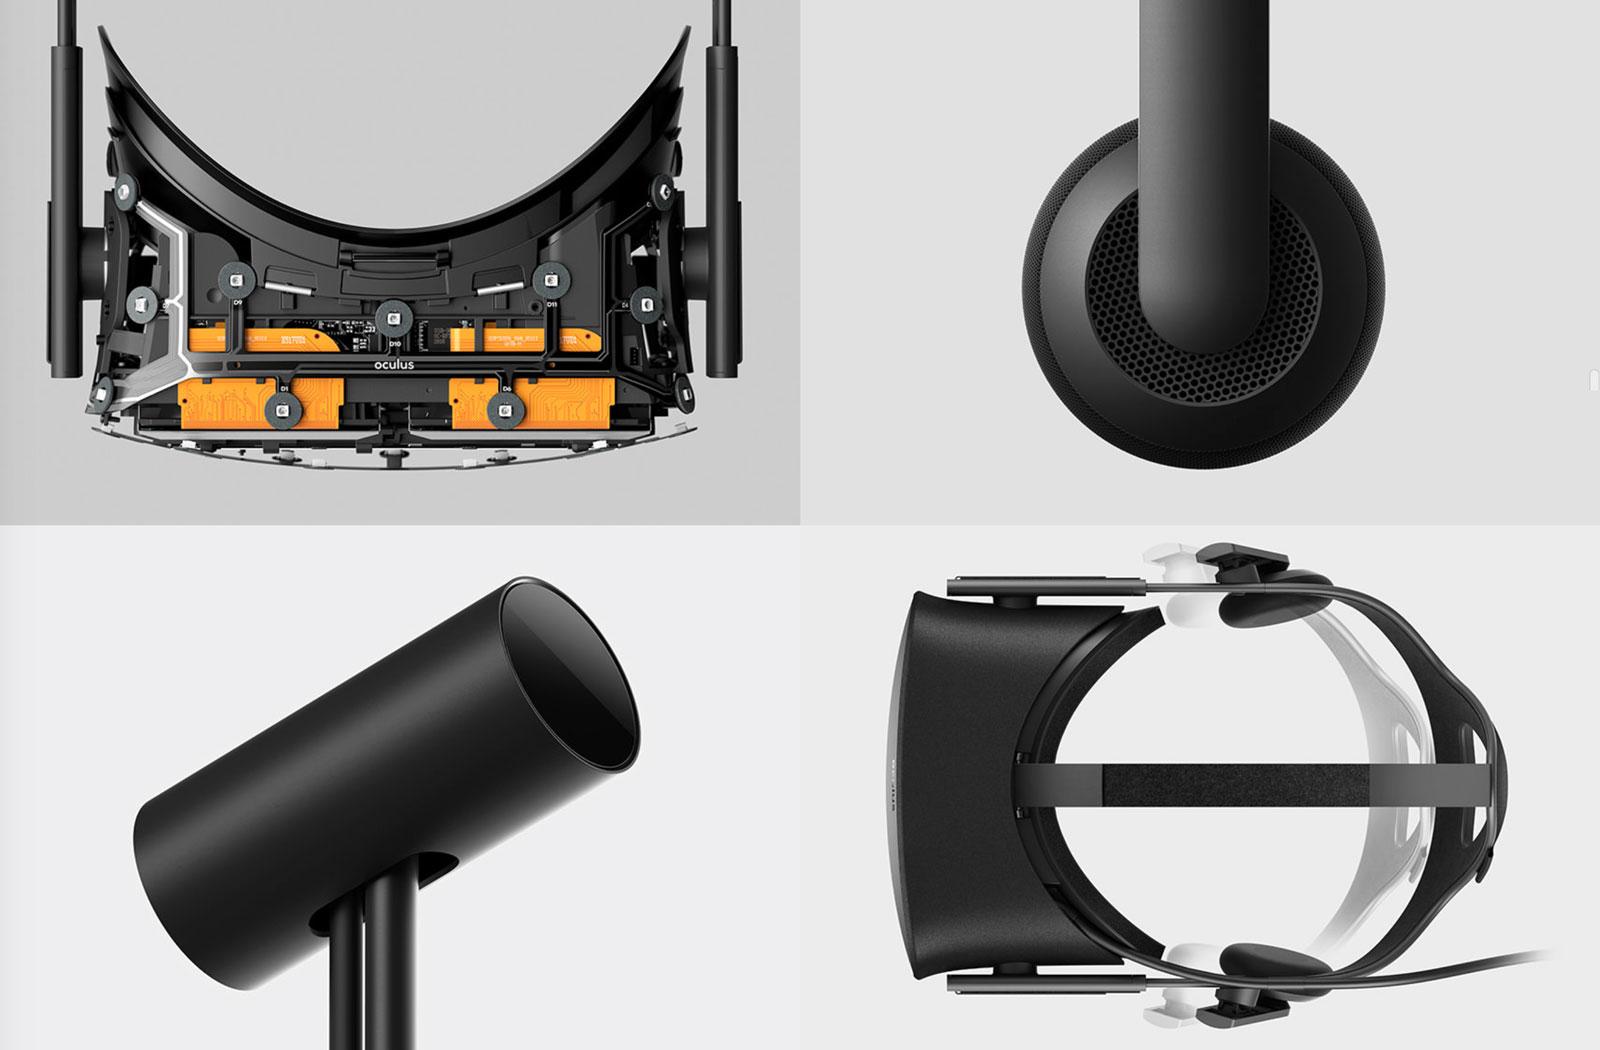 Les entrailles du casque, les écouteurs, le capteur de mouvement et les sangles permettant d'ajuster le Rift (Image : Oculus).